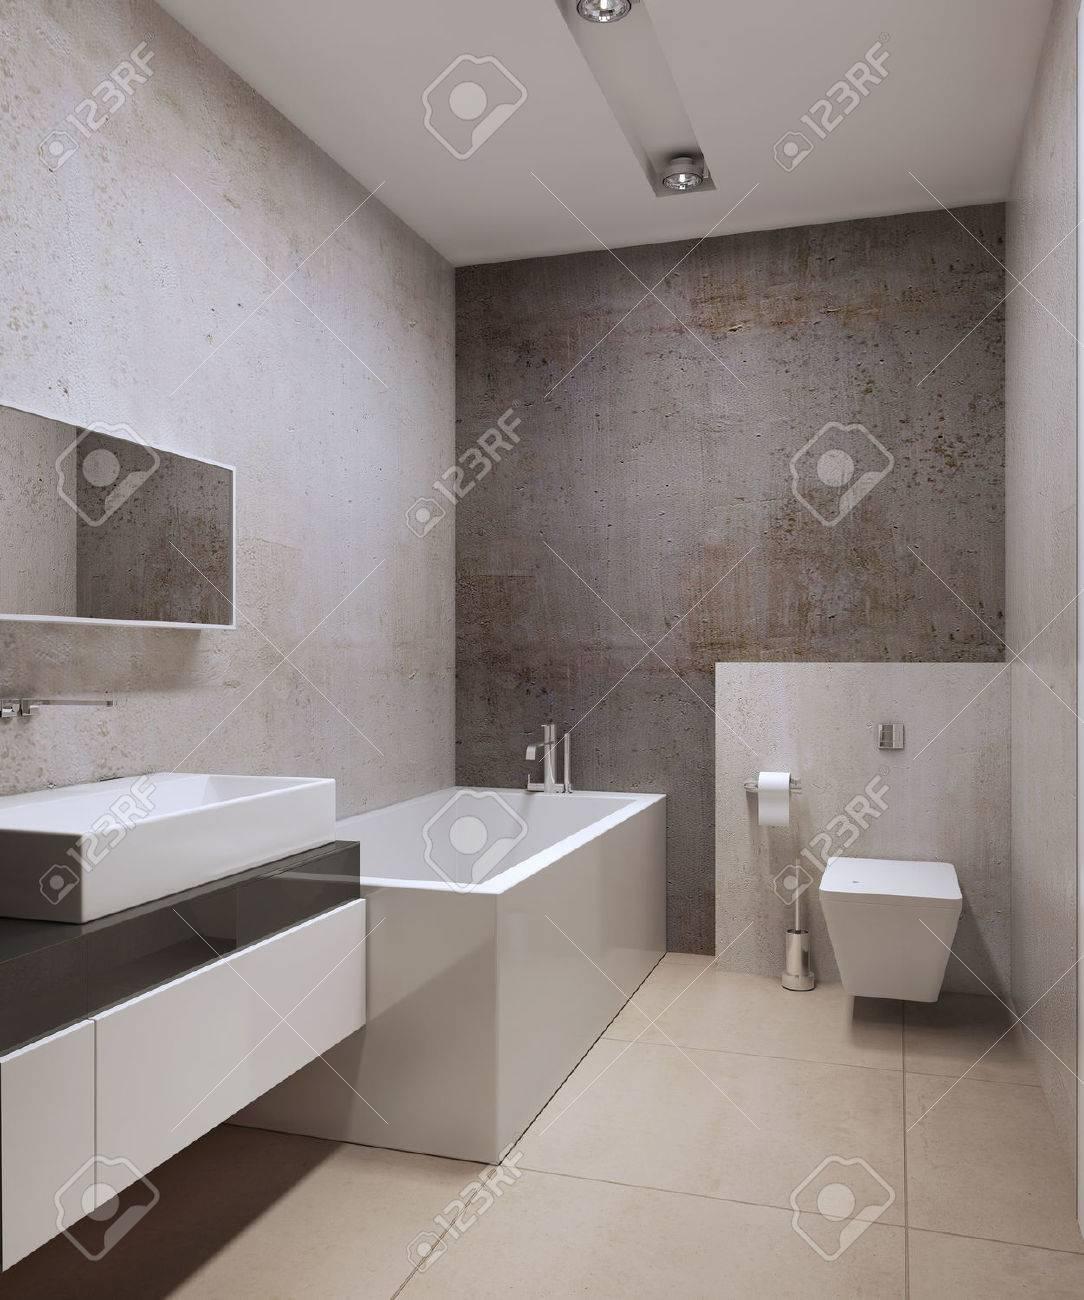 Zeitgenössische Wc Idee. Dekorative Betonreibeputz, Weiß Gefärbt ...